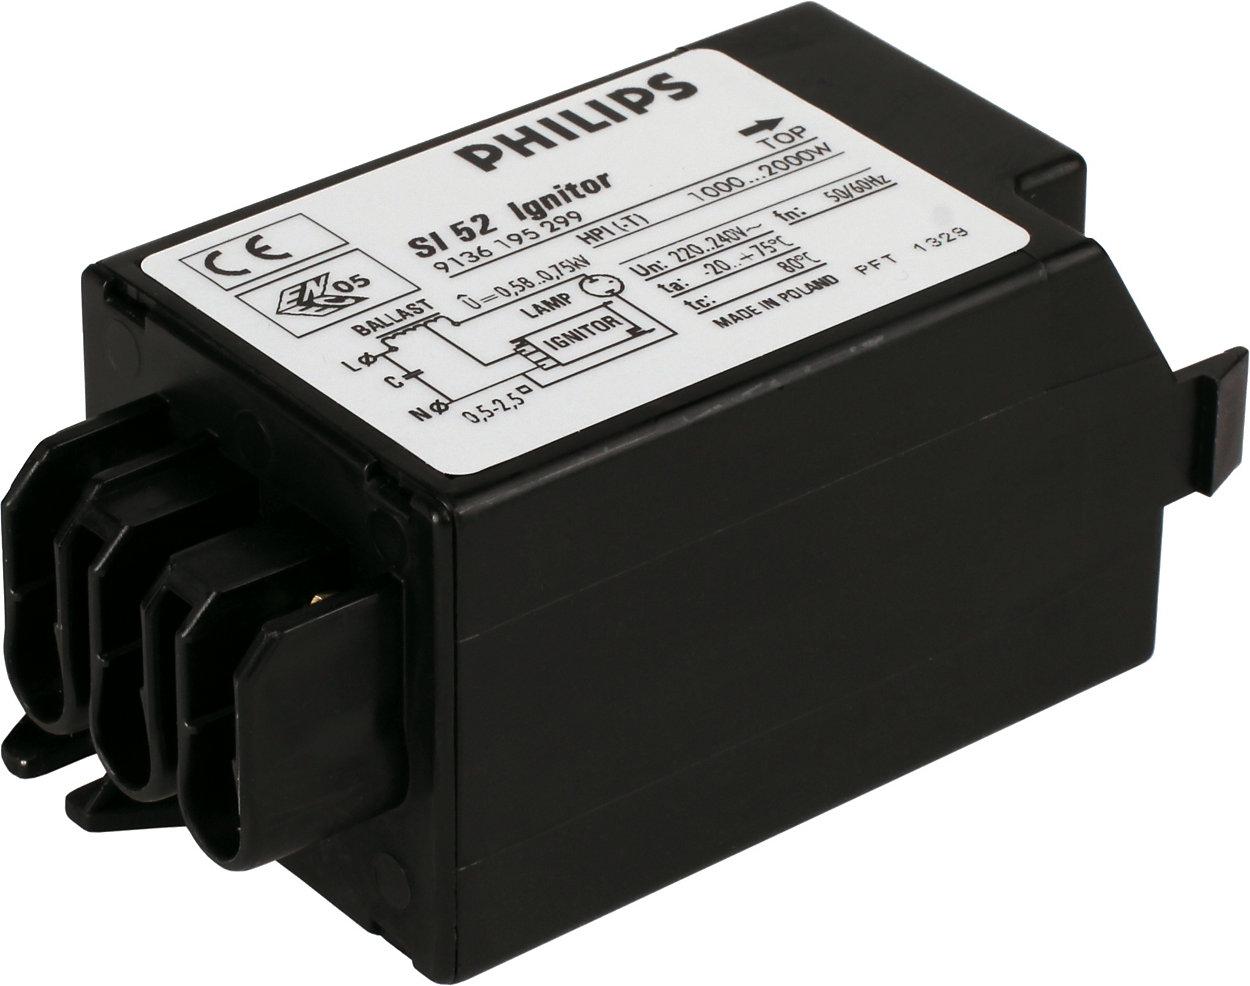 Digitala tändare för maximal driftsäkerhet